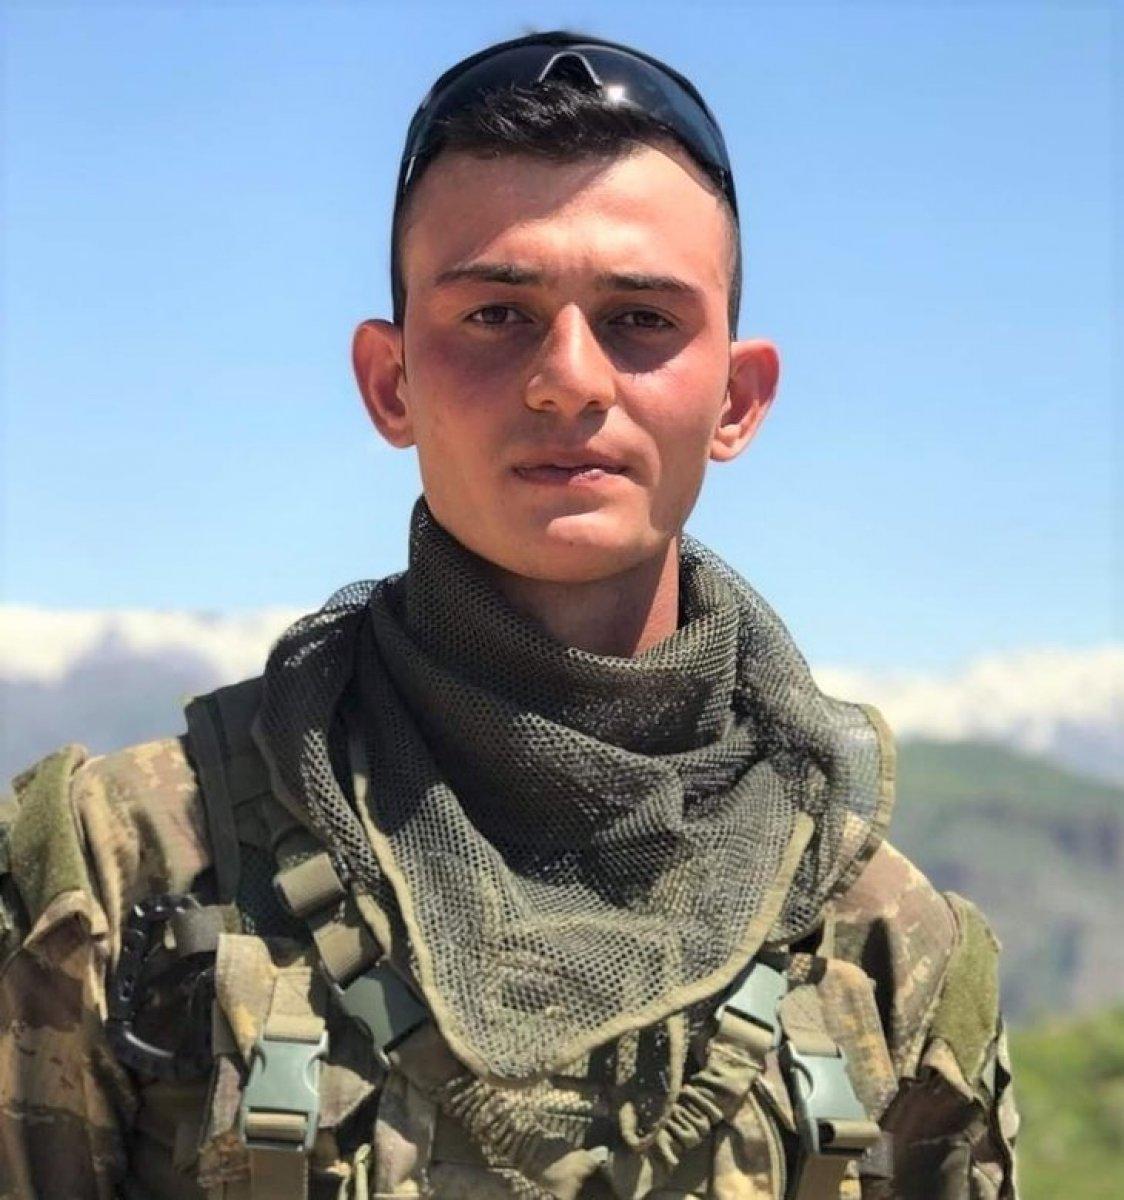 Şehit Piyade Uzman Çavuş Ahmet Asan ın ailesine acı haber verildi #3